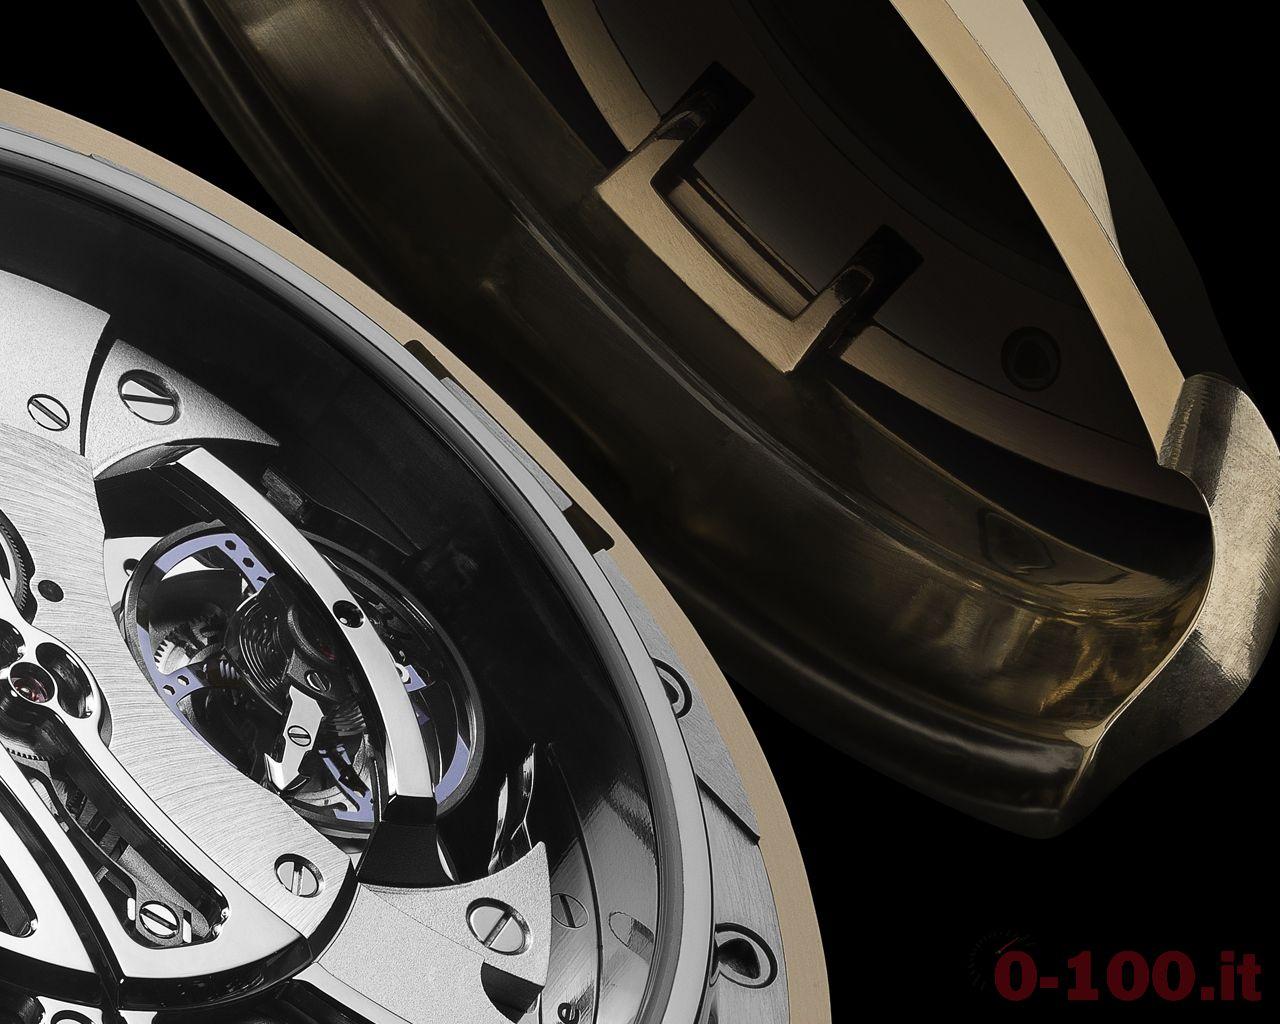 de-bethune-db29-maxichrono-tourbillon-ref-db29rs1-limited-edition-prezzo-price_0-1006